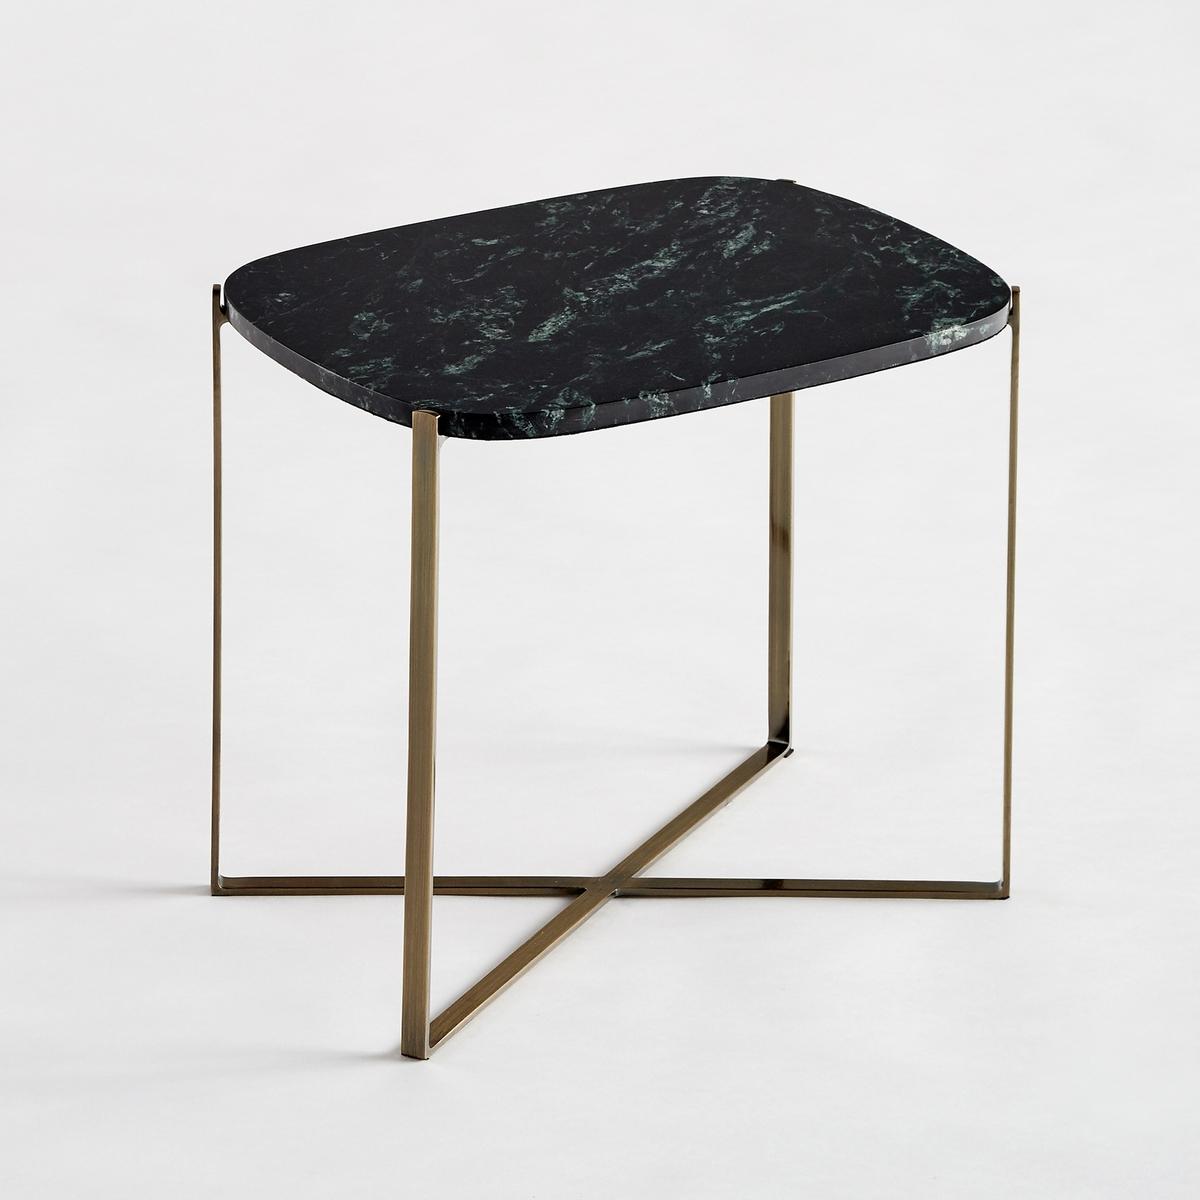 Прямоугольный диванный столик  . из зеленого марамора/металла ArambolПрямоугольный диванный столик Arambol. Элегантность мрамора зеленого цвета сочетается с тонким каркасом с отделкой из латуни с эффектом старения. Можно использовать отдельно или в сочетании с овальным диванным столиком.Характеристики : - Столешница из зеленого мрамора, толщ. 1,5 см  . Каждое изделие уникально  . Прожилки могут  быть более или менее заметны  .- Каркас из металла с отделкой из латуни с эффектом старения- Органическая форма- Столик готов к сборке в соответствии с прилагающейся инструкциейРазмеры : - 41 x 38 x 31,7 см Размеры и вес упаковки : - 2,5 x 10 x 46,4 см, 5,82 кг и 42 x 42 x 27,5 см, 2,38 кгДоставка :Доставка по предварительной договоренности, возможен подъём на этаж !Внимание ! Убедитесь в том, что товар возможно доставить на дом, учитывая его габариты (проходит в двери, по лестницам, в лифты).<br><br>Цвет: зеленый<br>Размер: единый размер